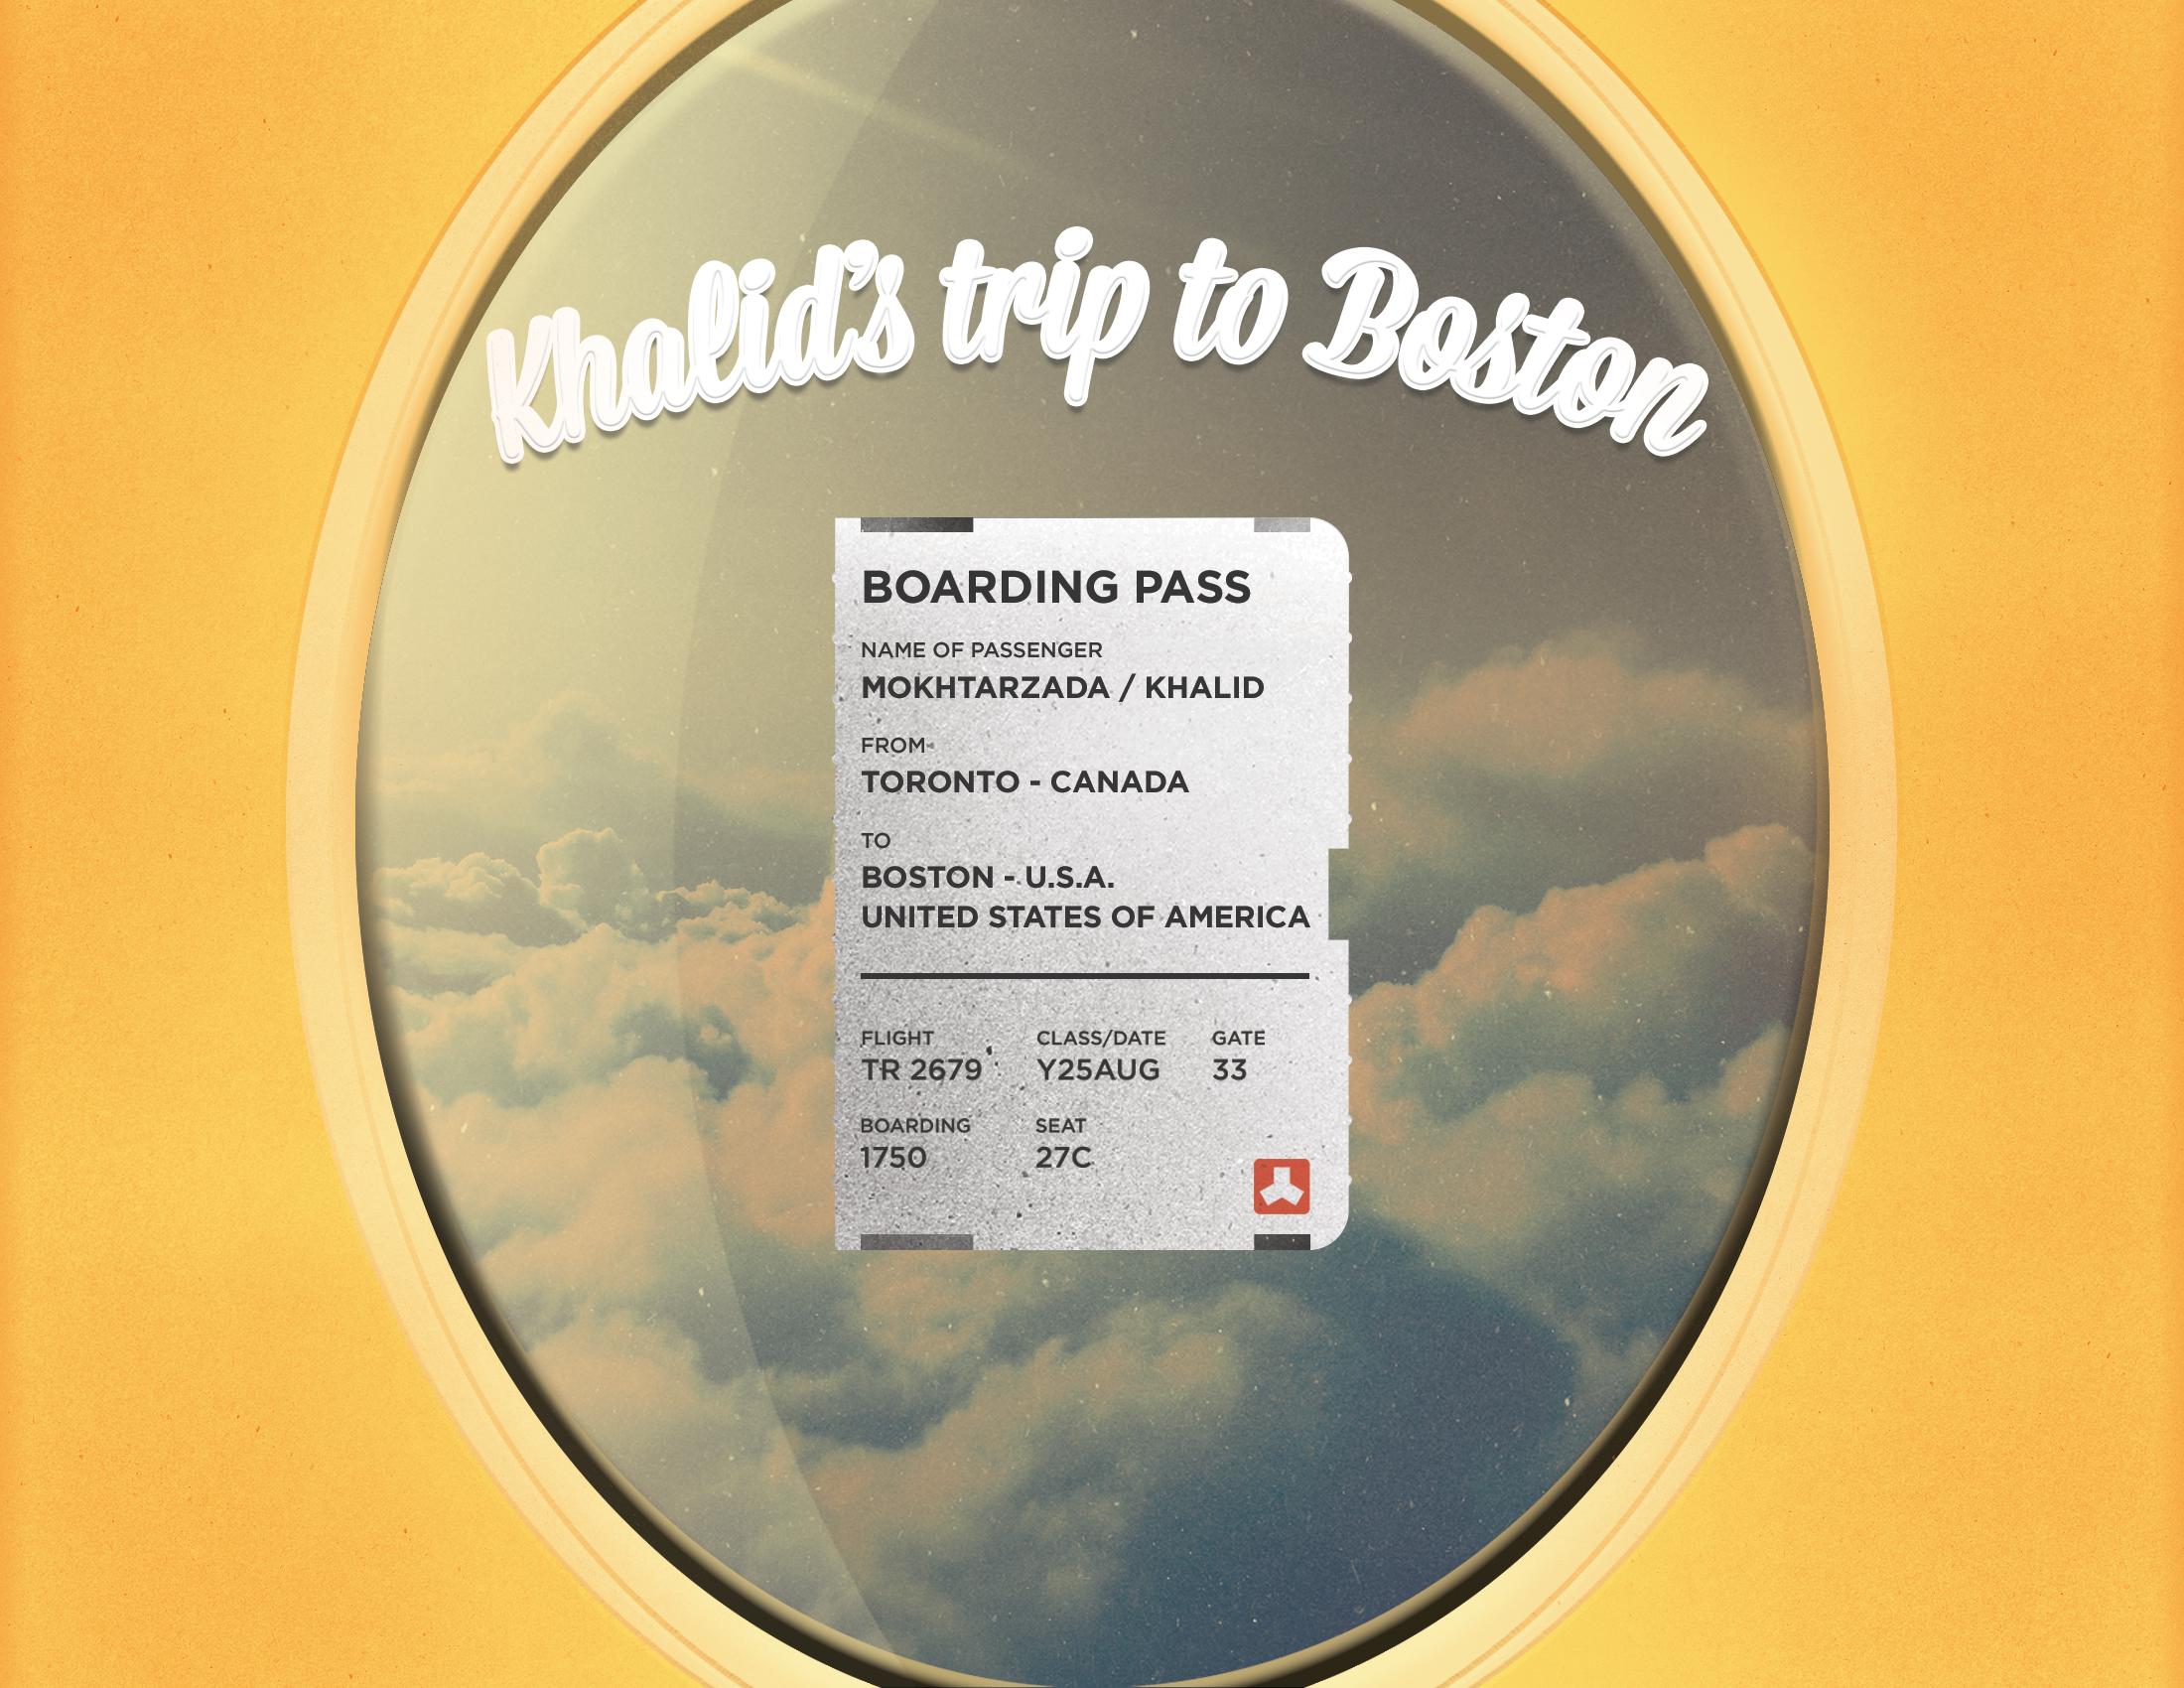 Khalid's Trip to Boston